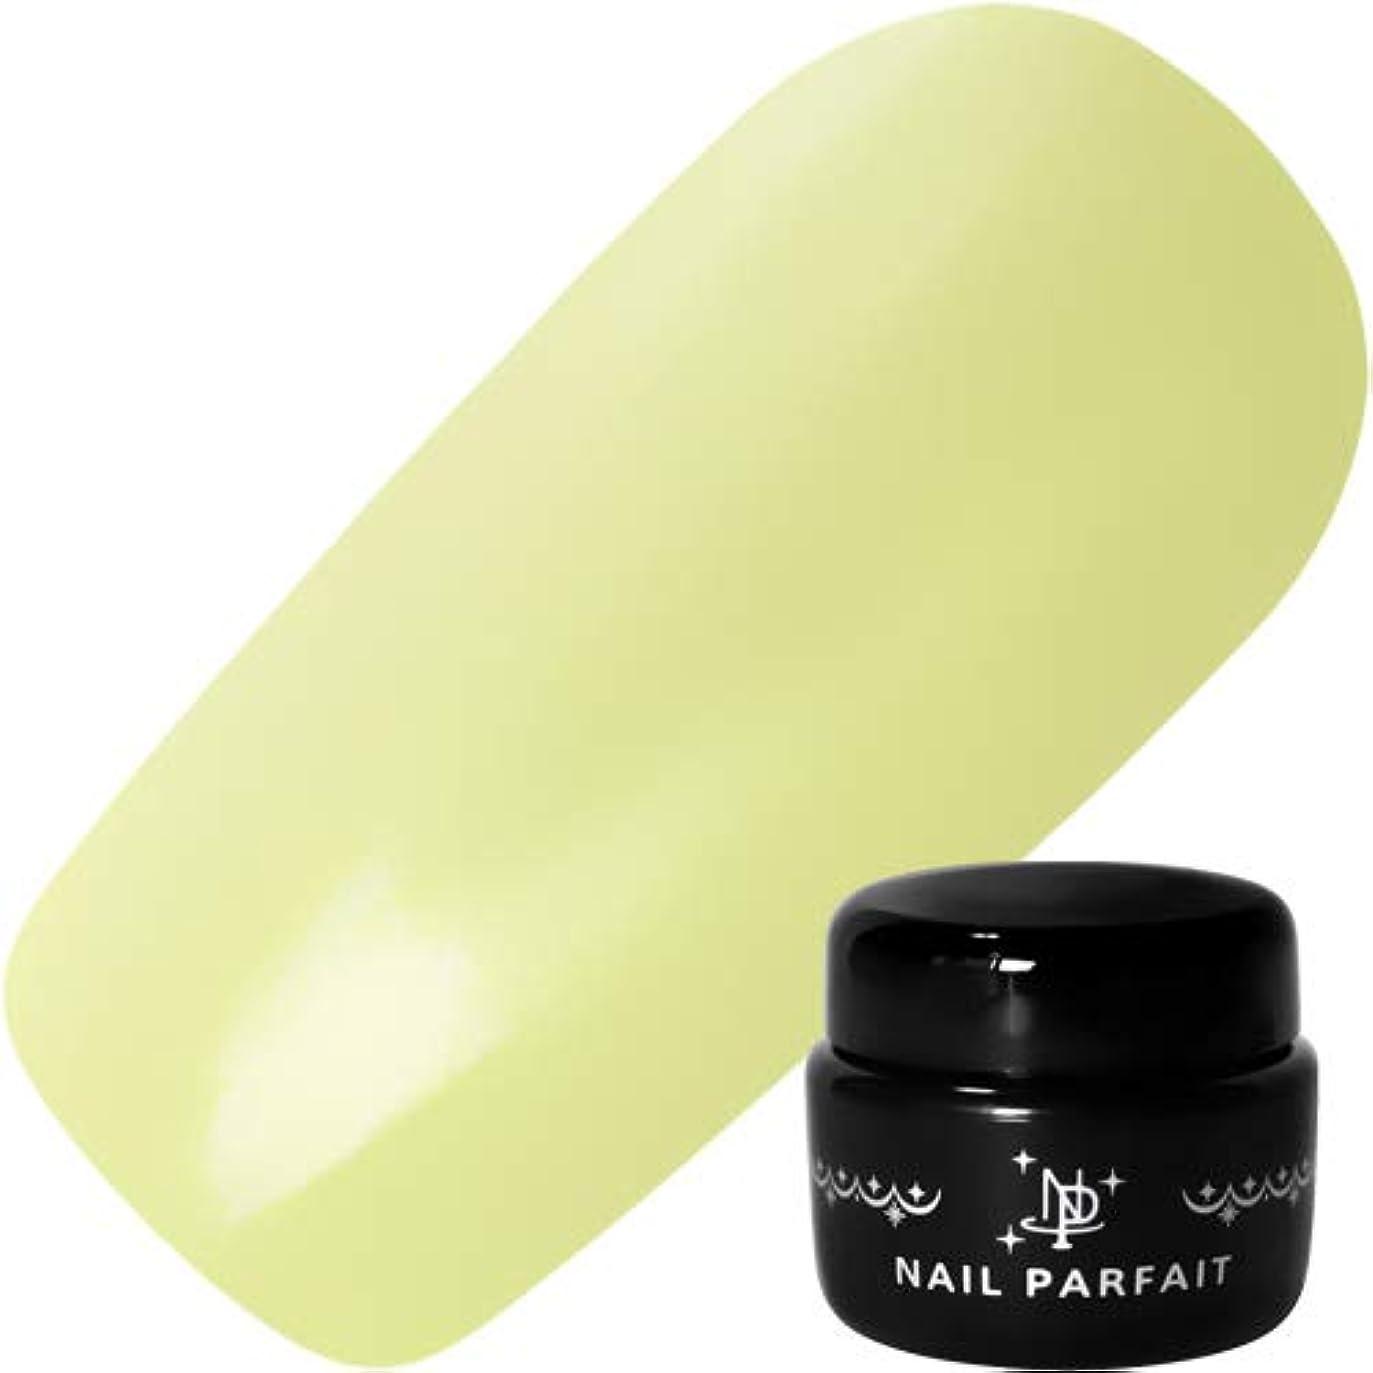 純粋な調子味付けNAIL PARFAIT ネイルパフェ カラージェル A53ペールイエロー 2g 【ジェル/カラージェル?ネイル用品】